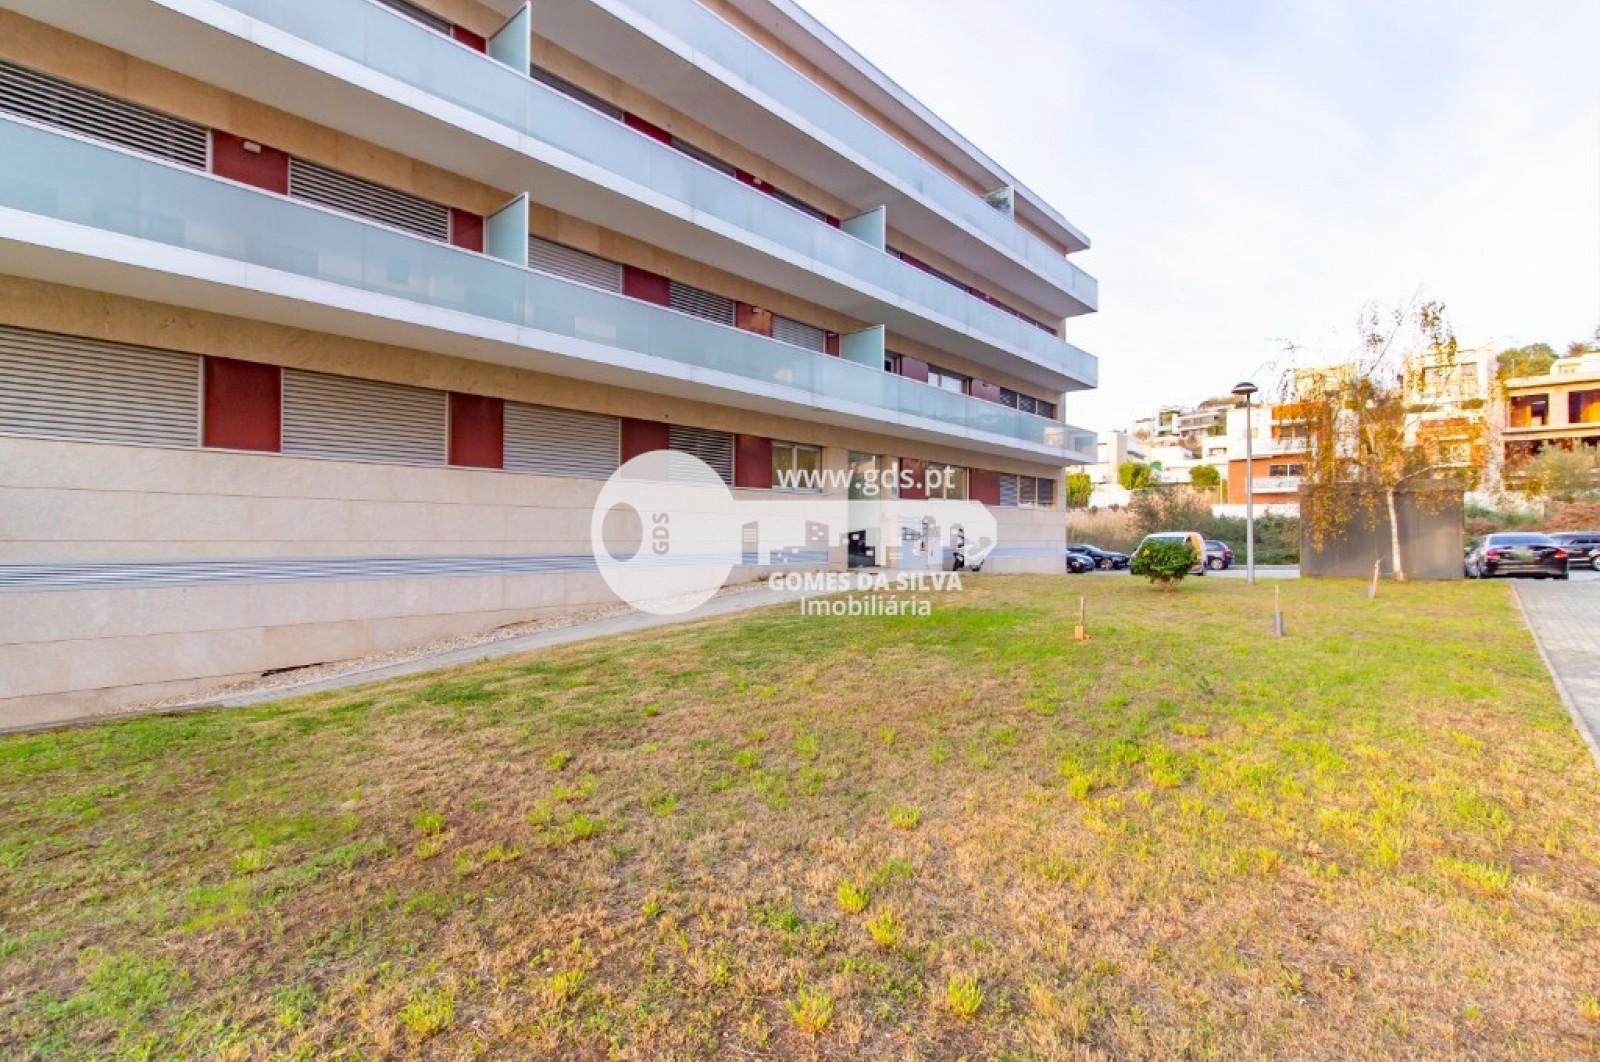 Apartamento T3 para Venda em Nogueira, Fraião e Lamaçães, Braga, Braga - Imagem 61